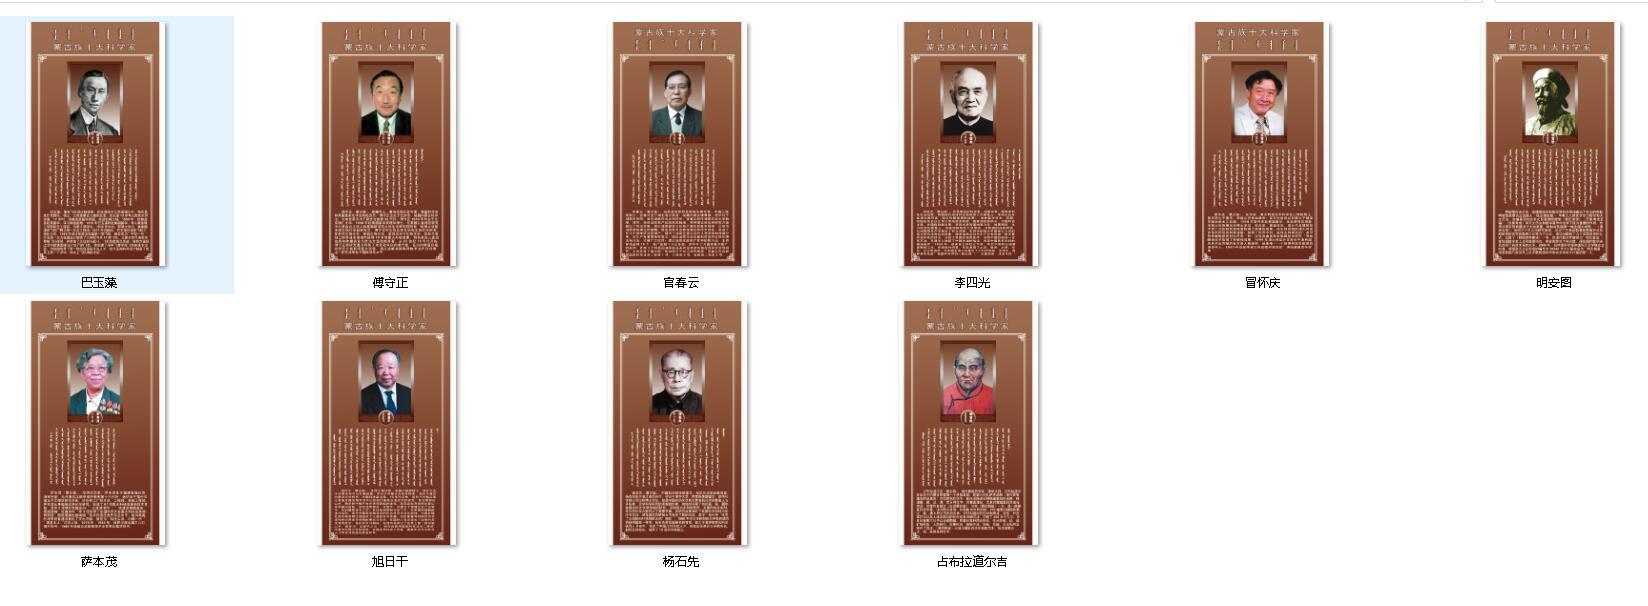 蒙古族十大科学家(蒙汉双语)psd